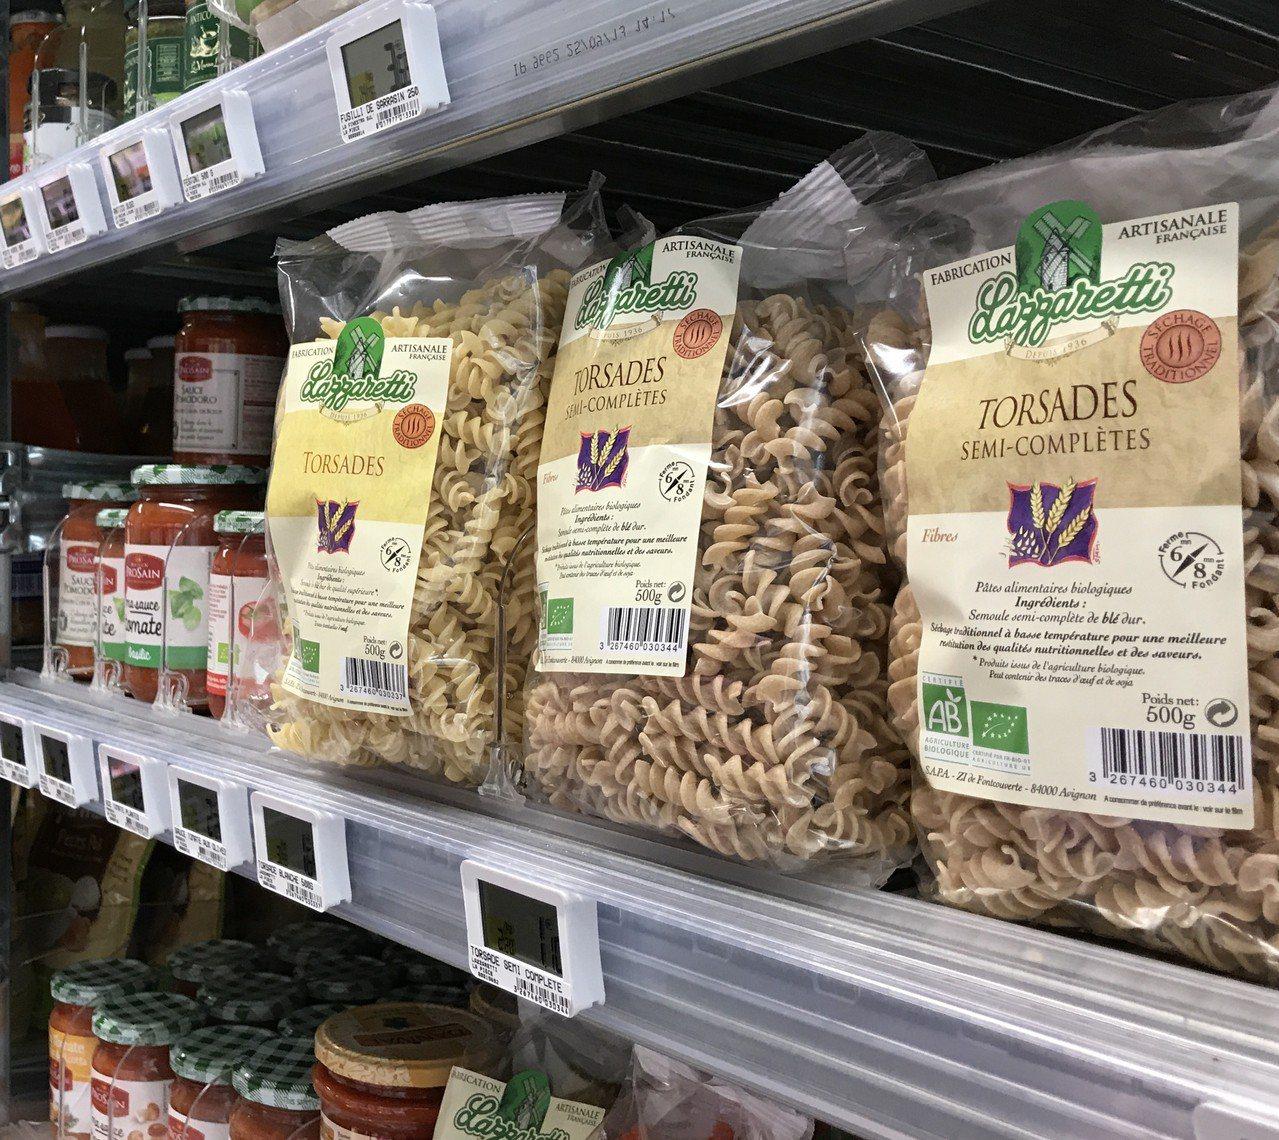 法國為打擊浪費食物,立法規定商場把未能售出的食物捐贈給慈善團體。關注剩食議題的法...